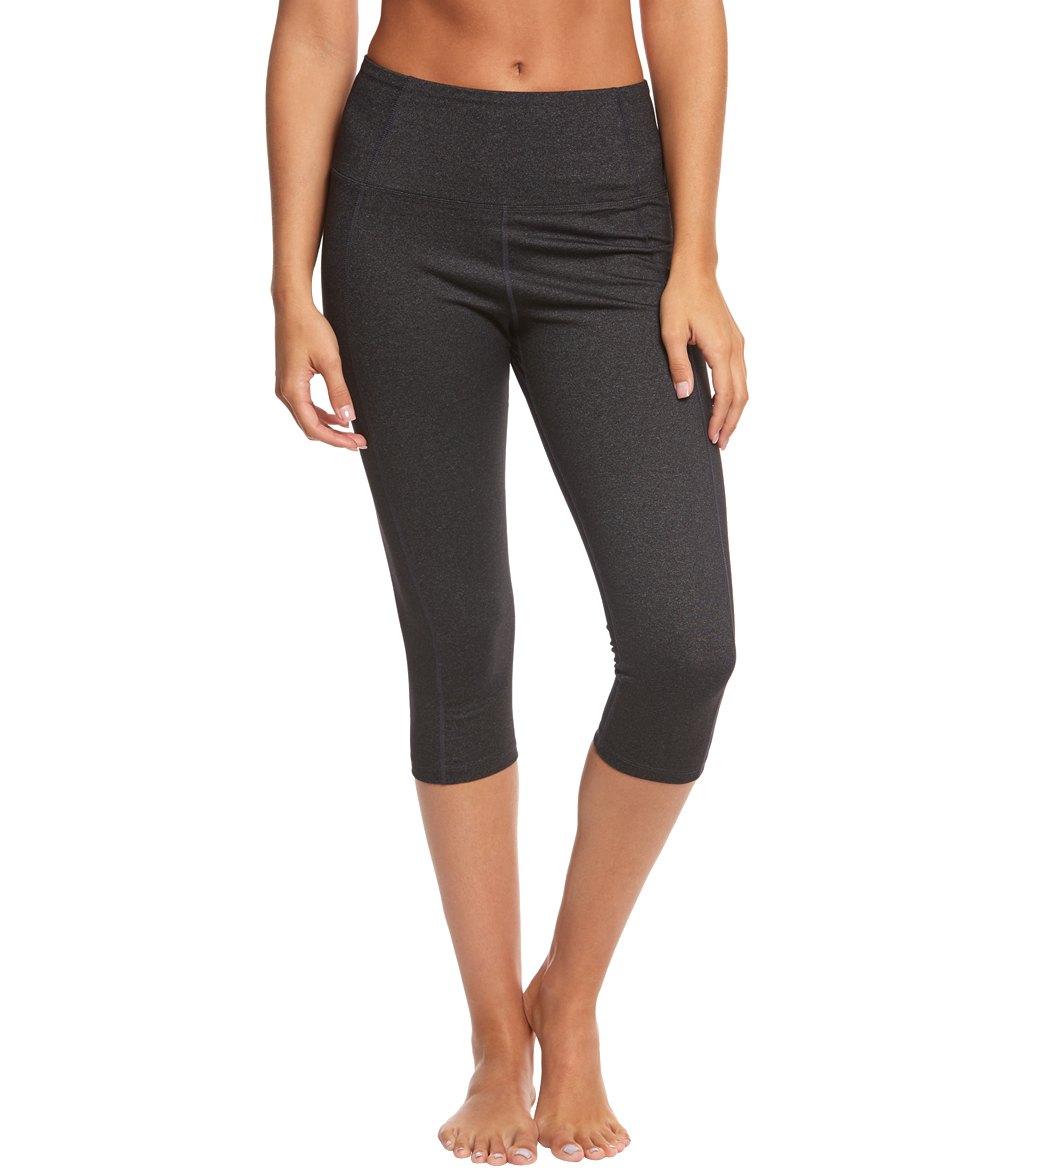 25f41860d71d Marika Brooke High Rise Tummy Control Yoga Capris at YogaOutlet.com ...